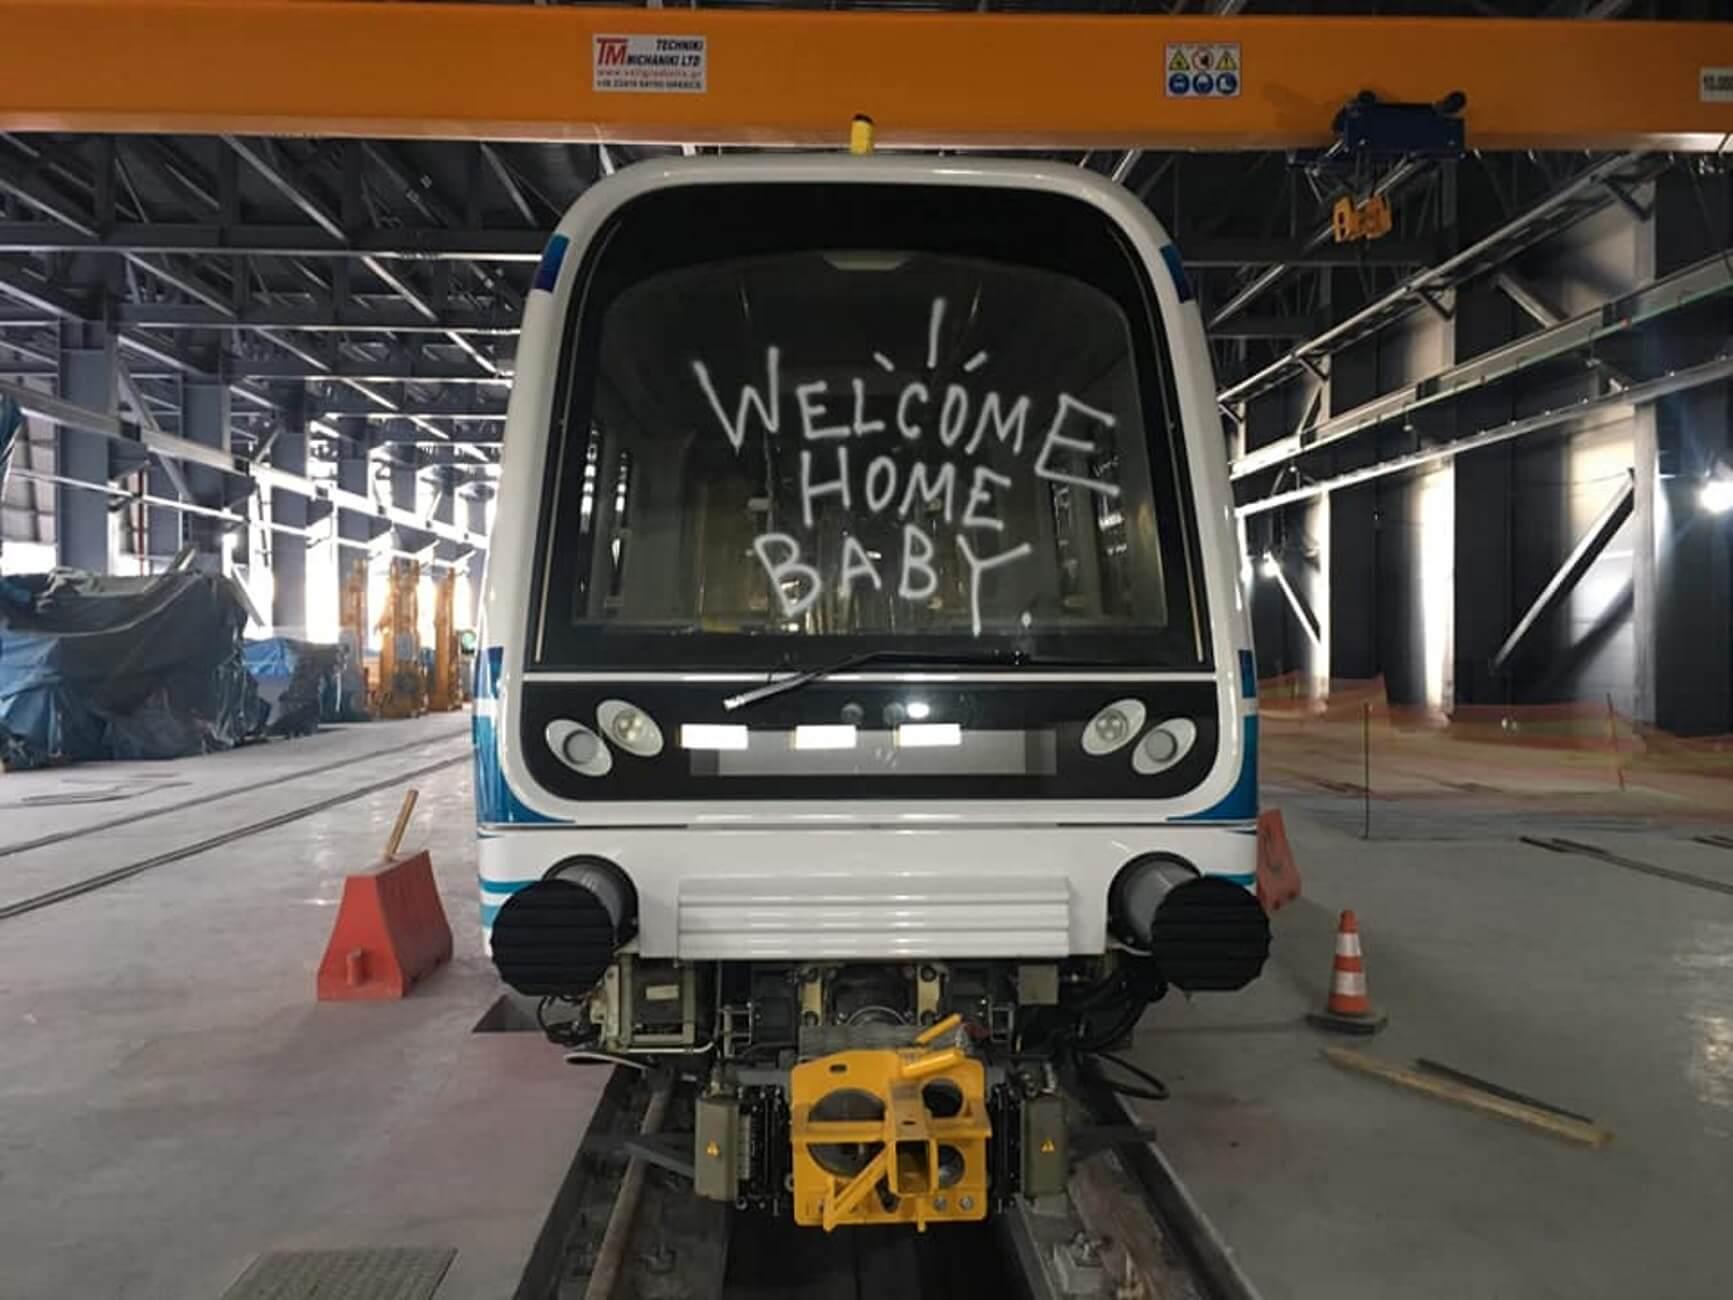 Θεσσαλονίκη: Αγνώριστα τα ολοκαίνουργια βαγόνια του μετρό – Τους έπιασαν στον ύπνο [pics]